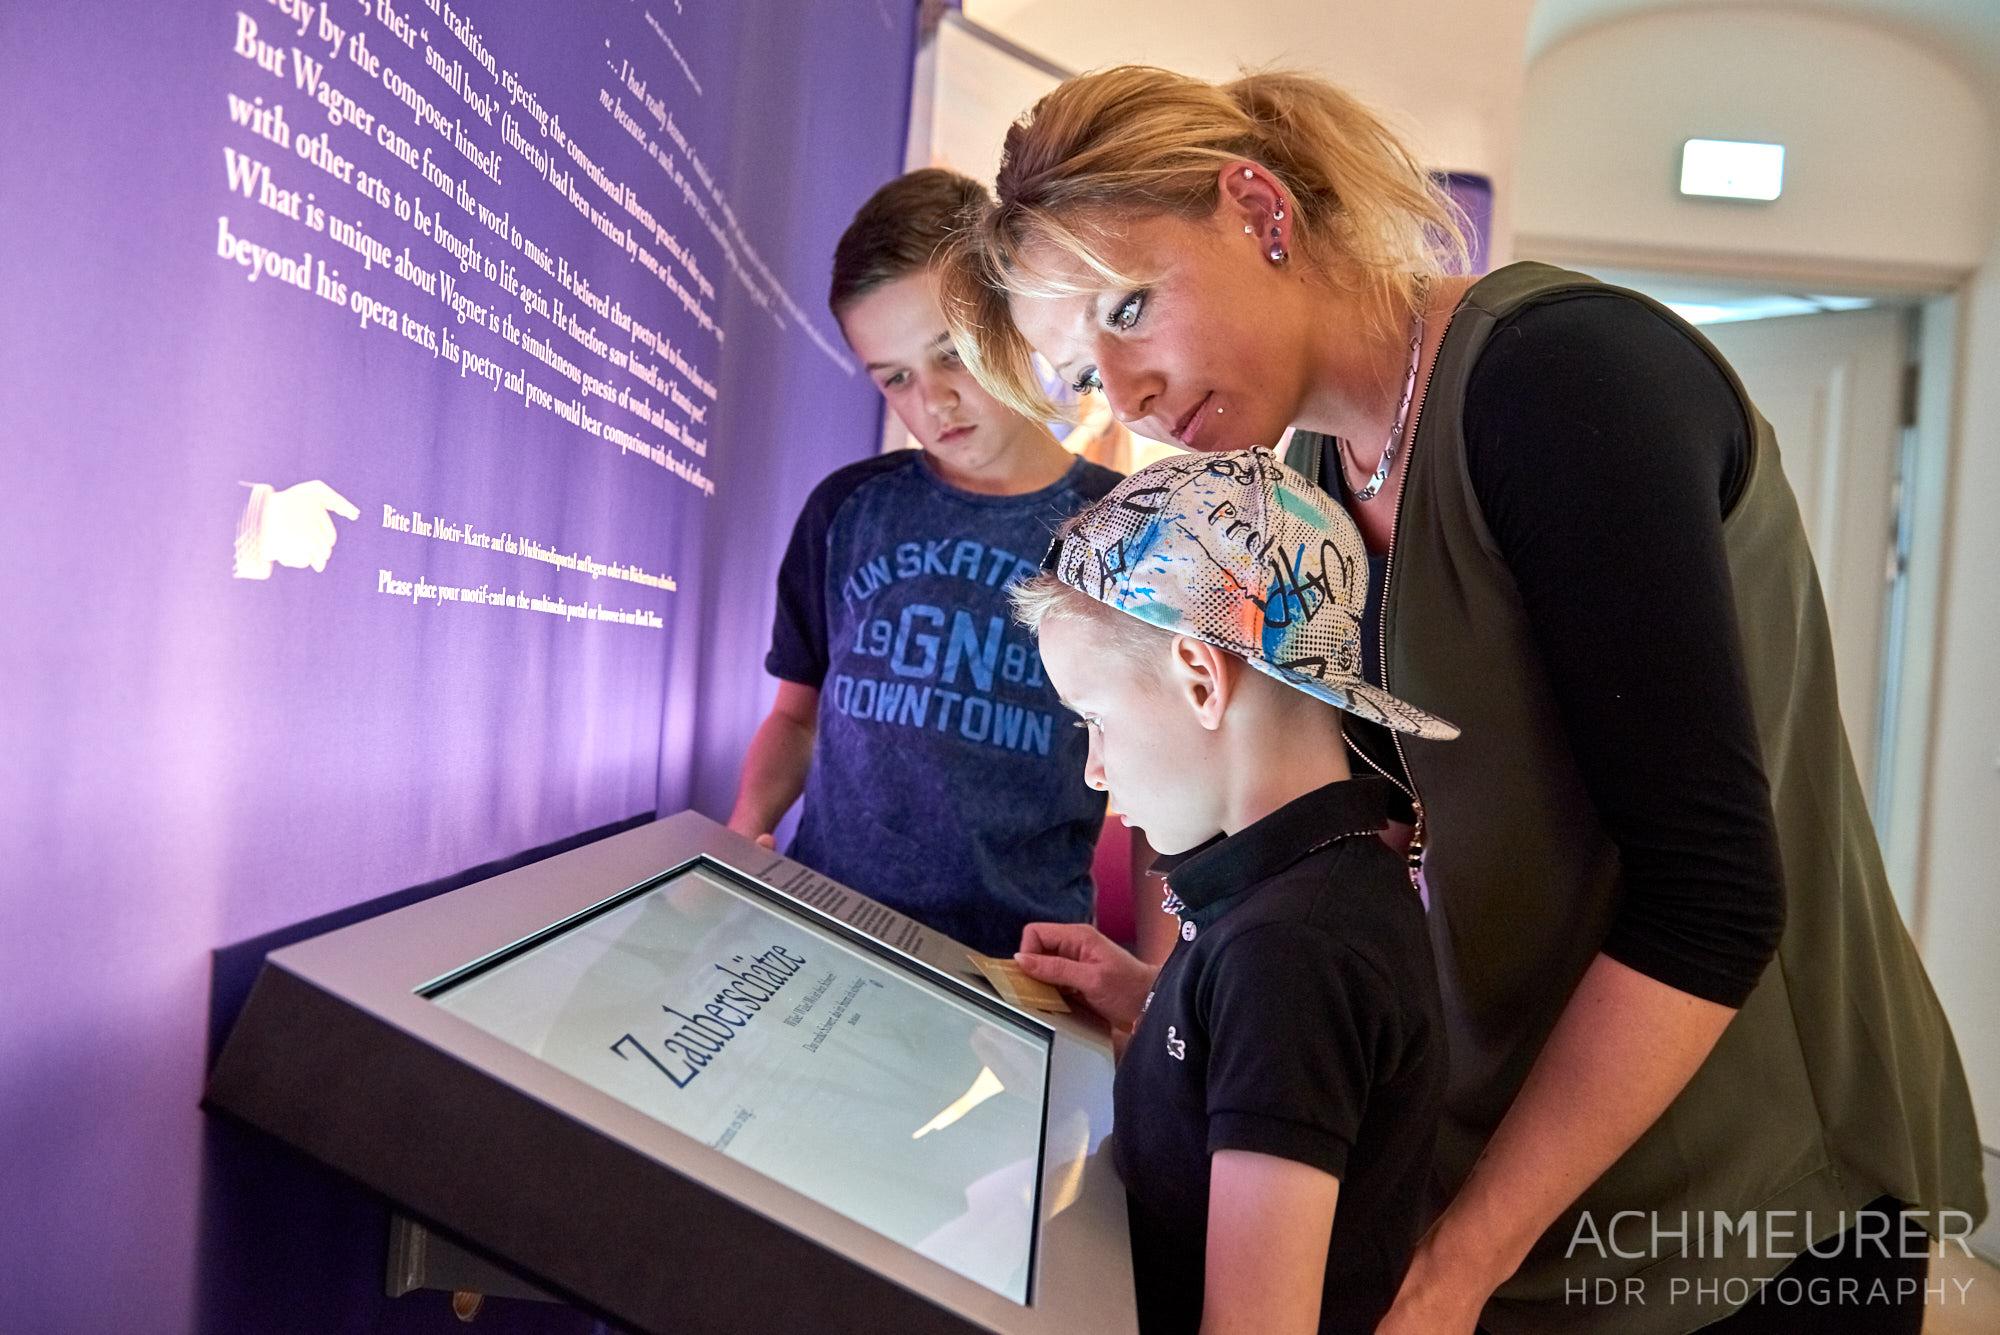 Museum Wagnerstätte Jagdschloss in Graupa/Pirna, Sächsische Schweiz by AchimMeurer.com.